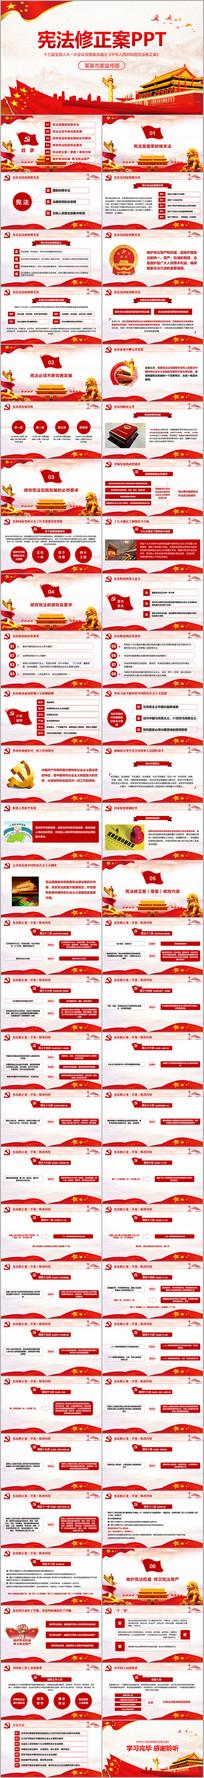 中华人民共和国宪法修正案学习PPT